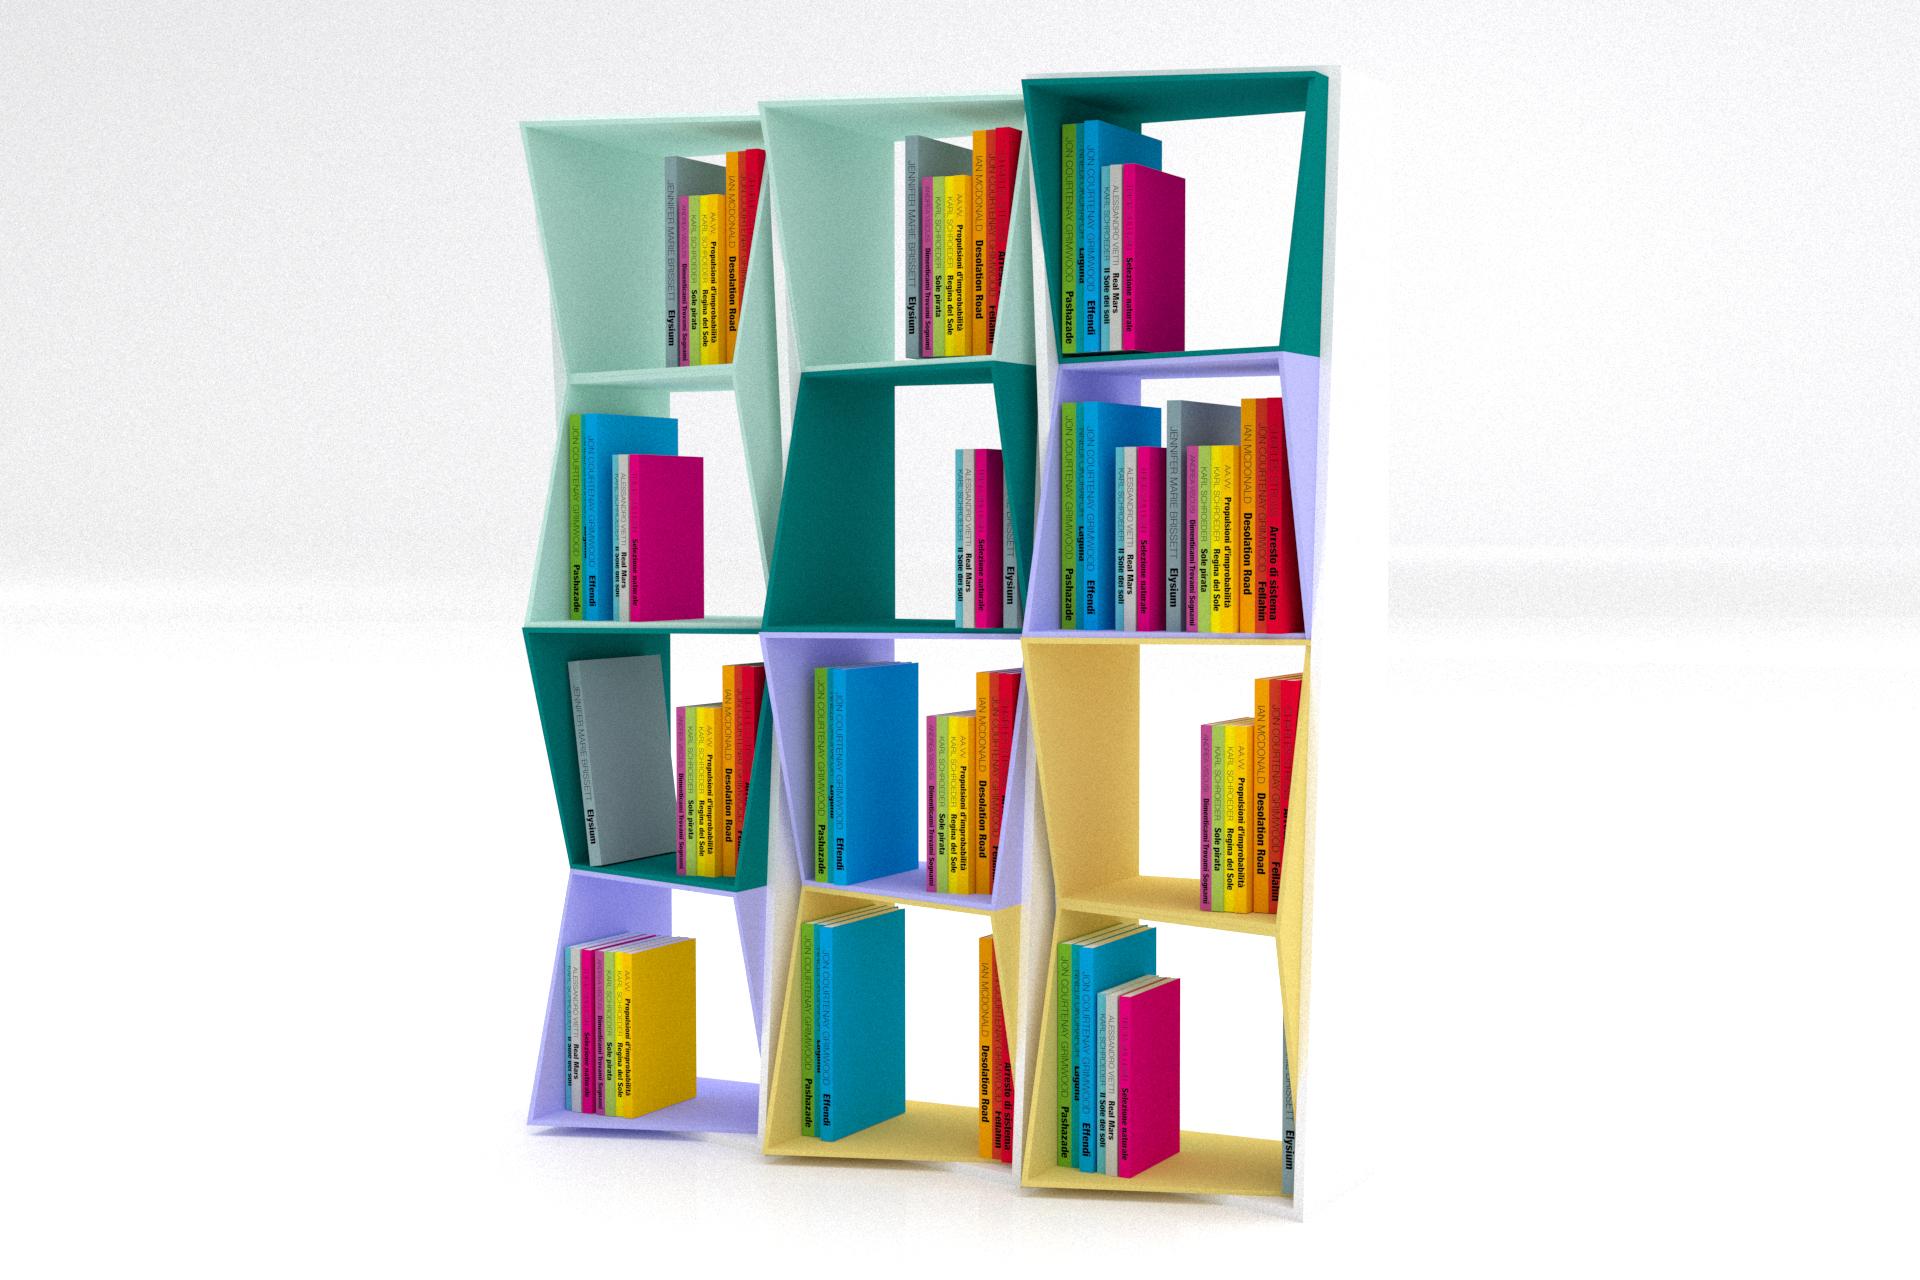 Libreria_imm_02